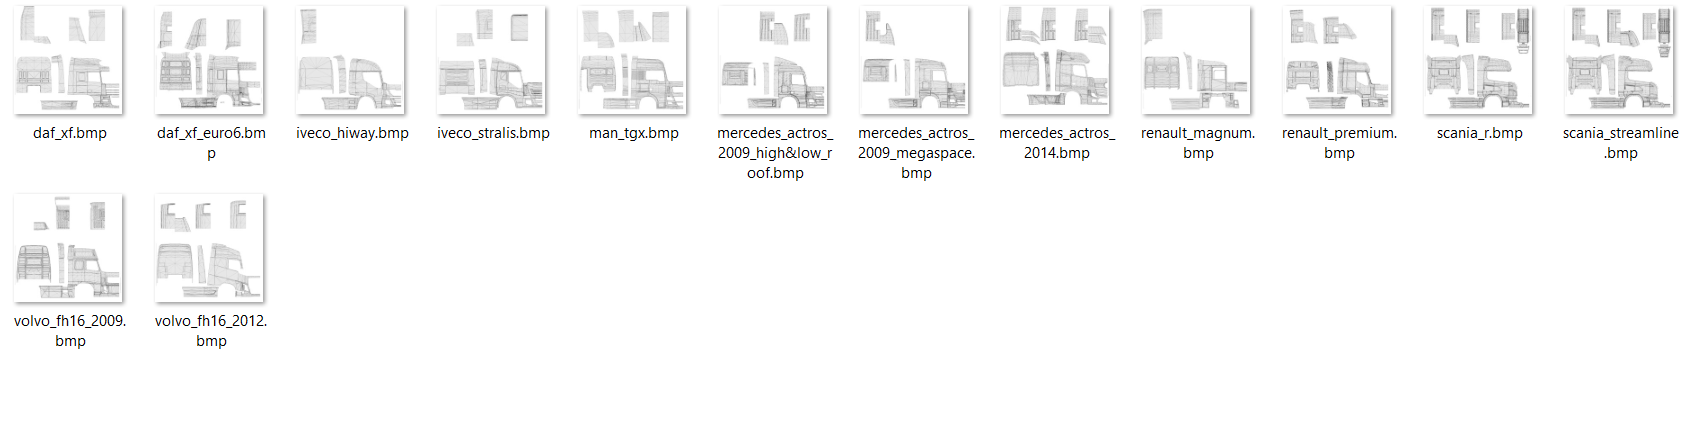 3rd-uvmap-template-for-all-trucks